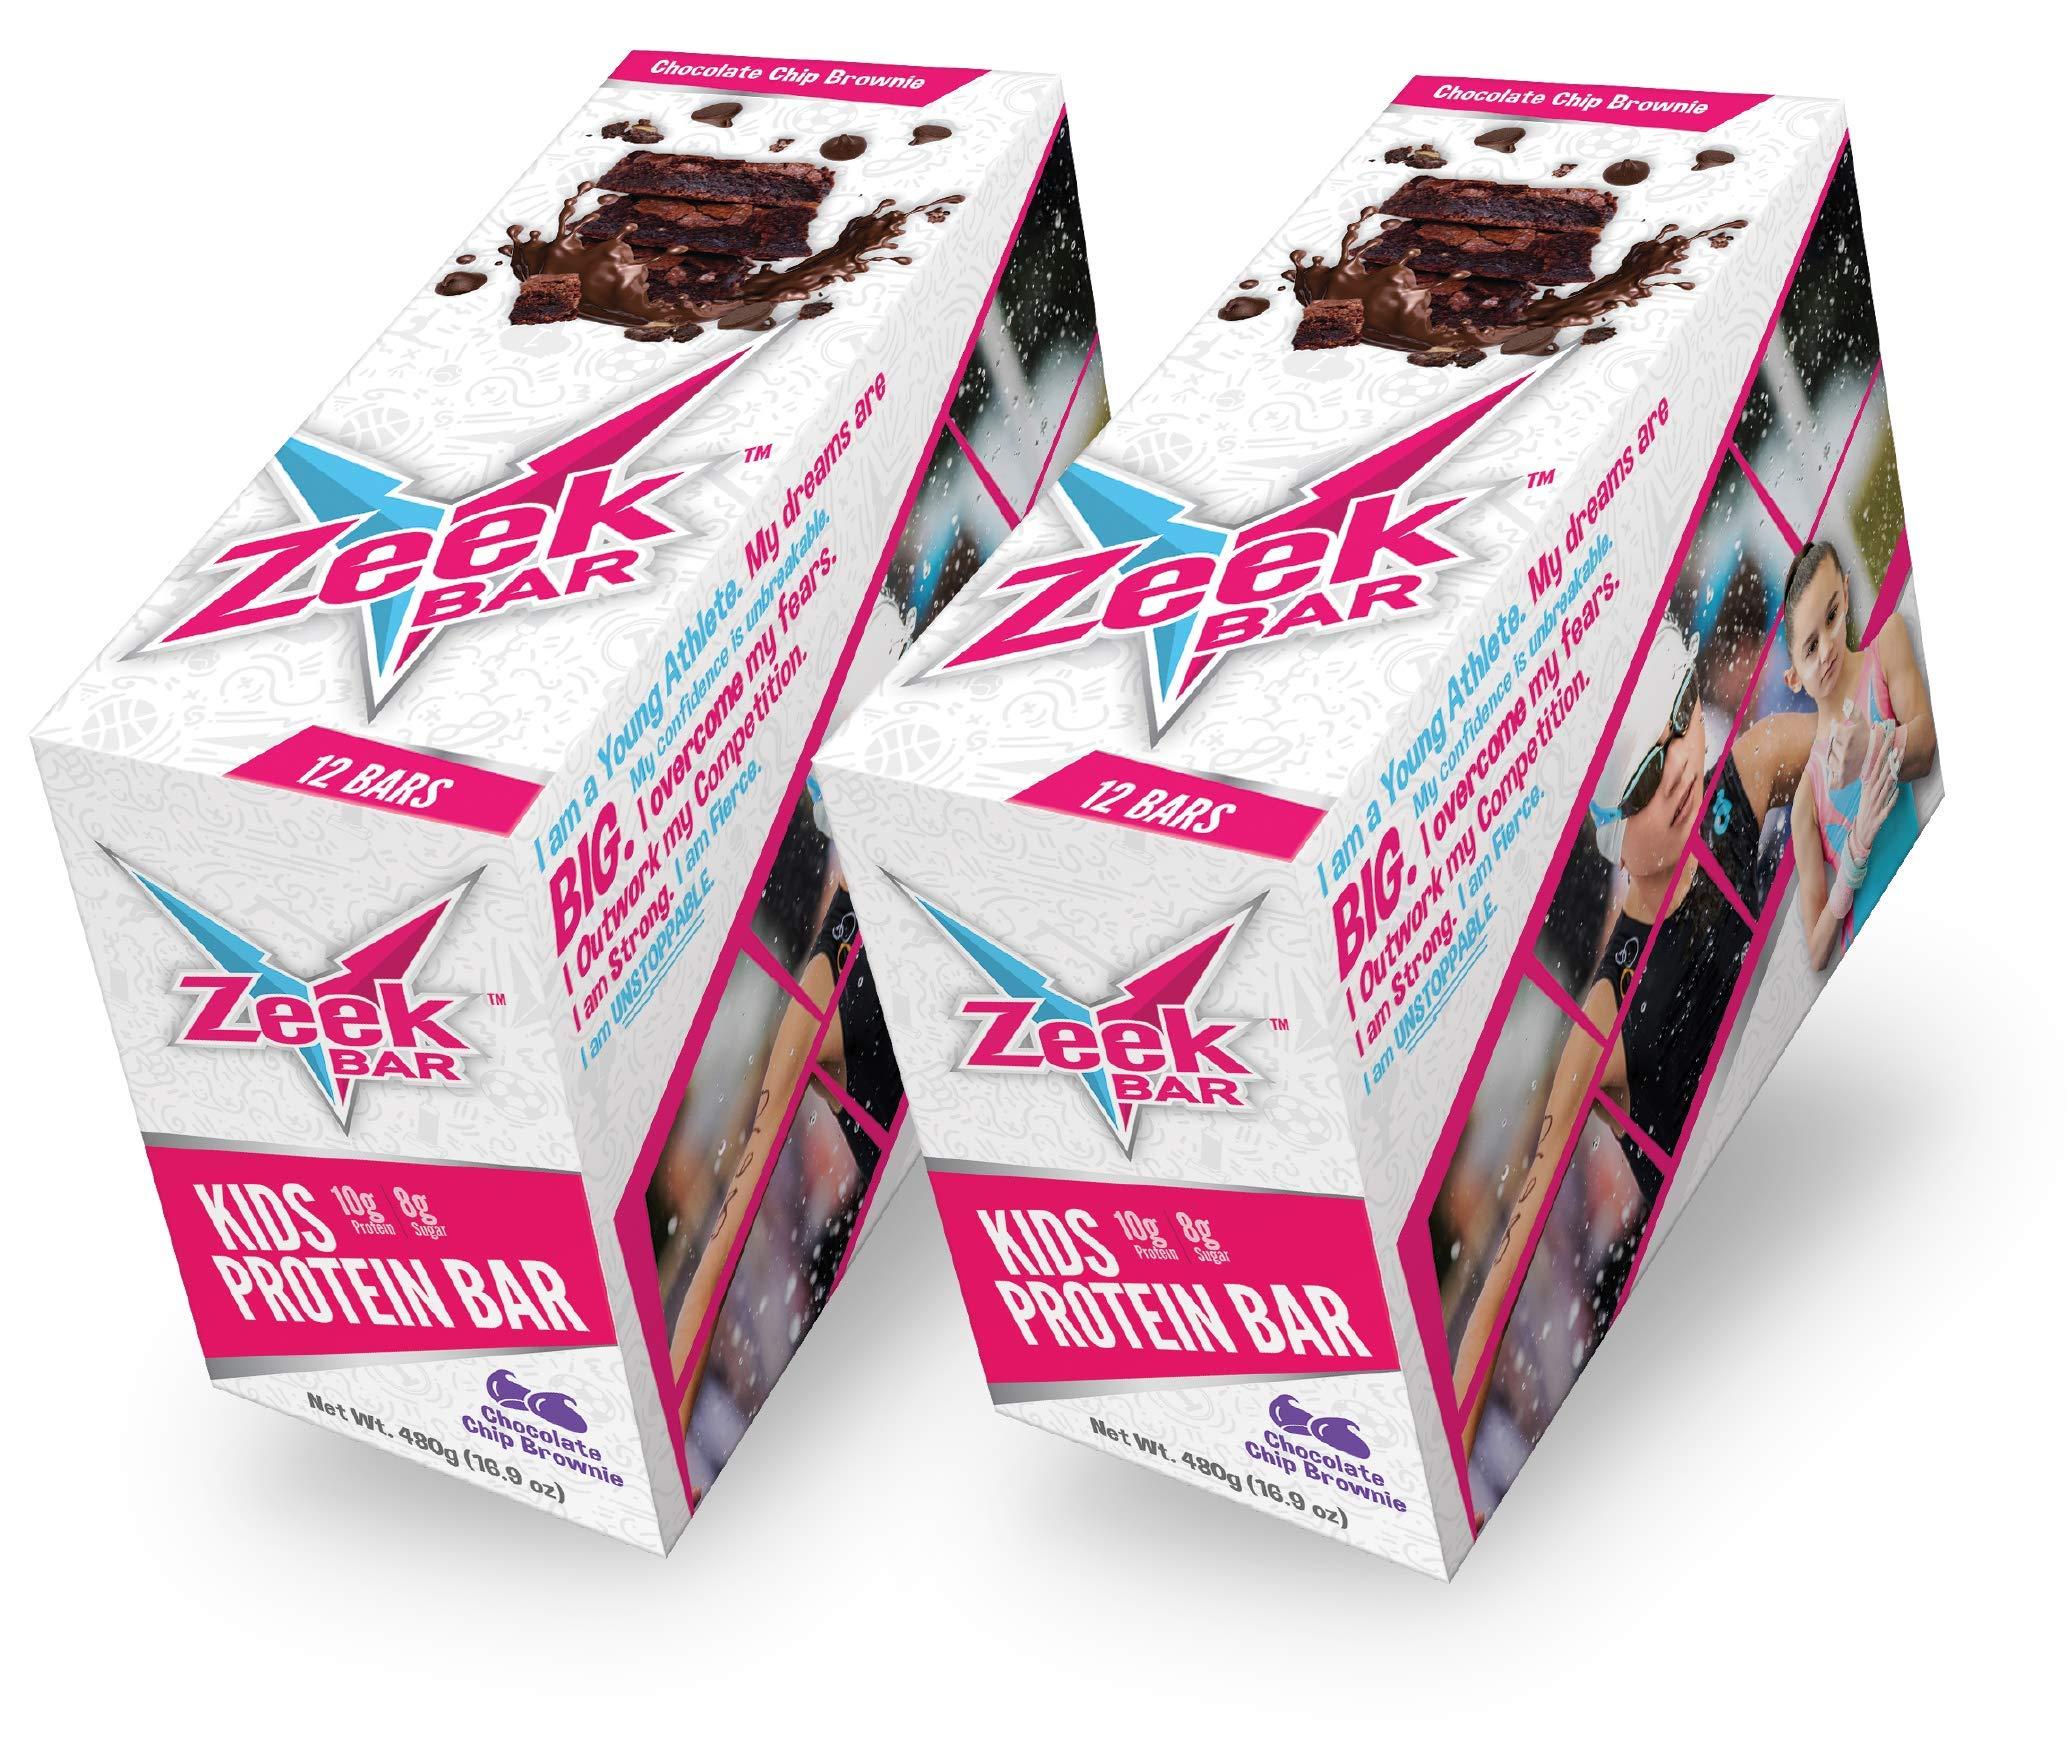 Zeek Kids Bar: Protein-Packed Kids Snack Bar | Real Ingredients, Delicious Flavors | Gluten Free, Low Sugar | Chocolate Chip Brownie, 24 Bars by Zeek Bar